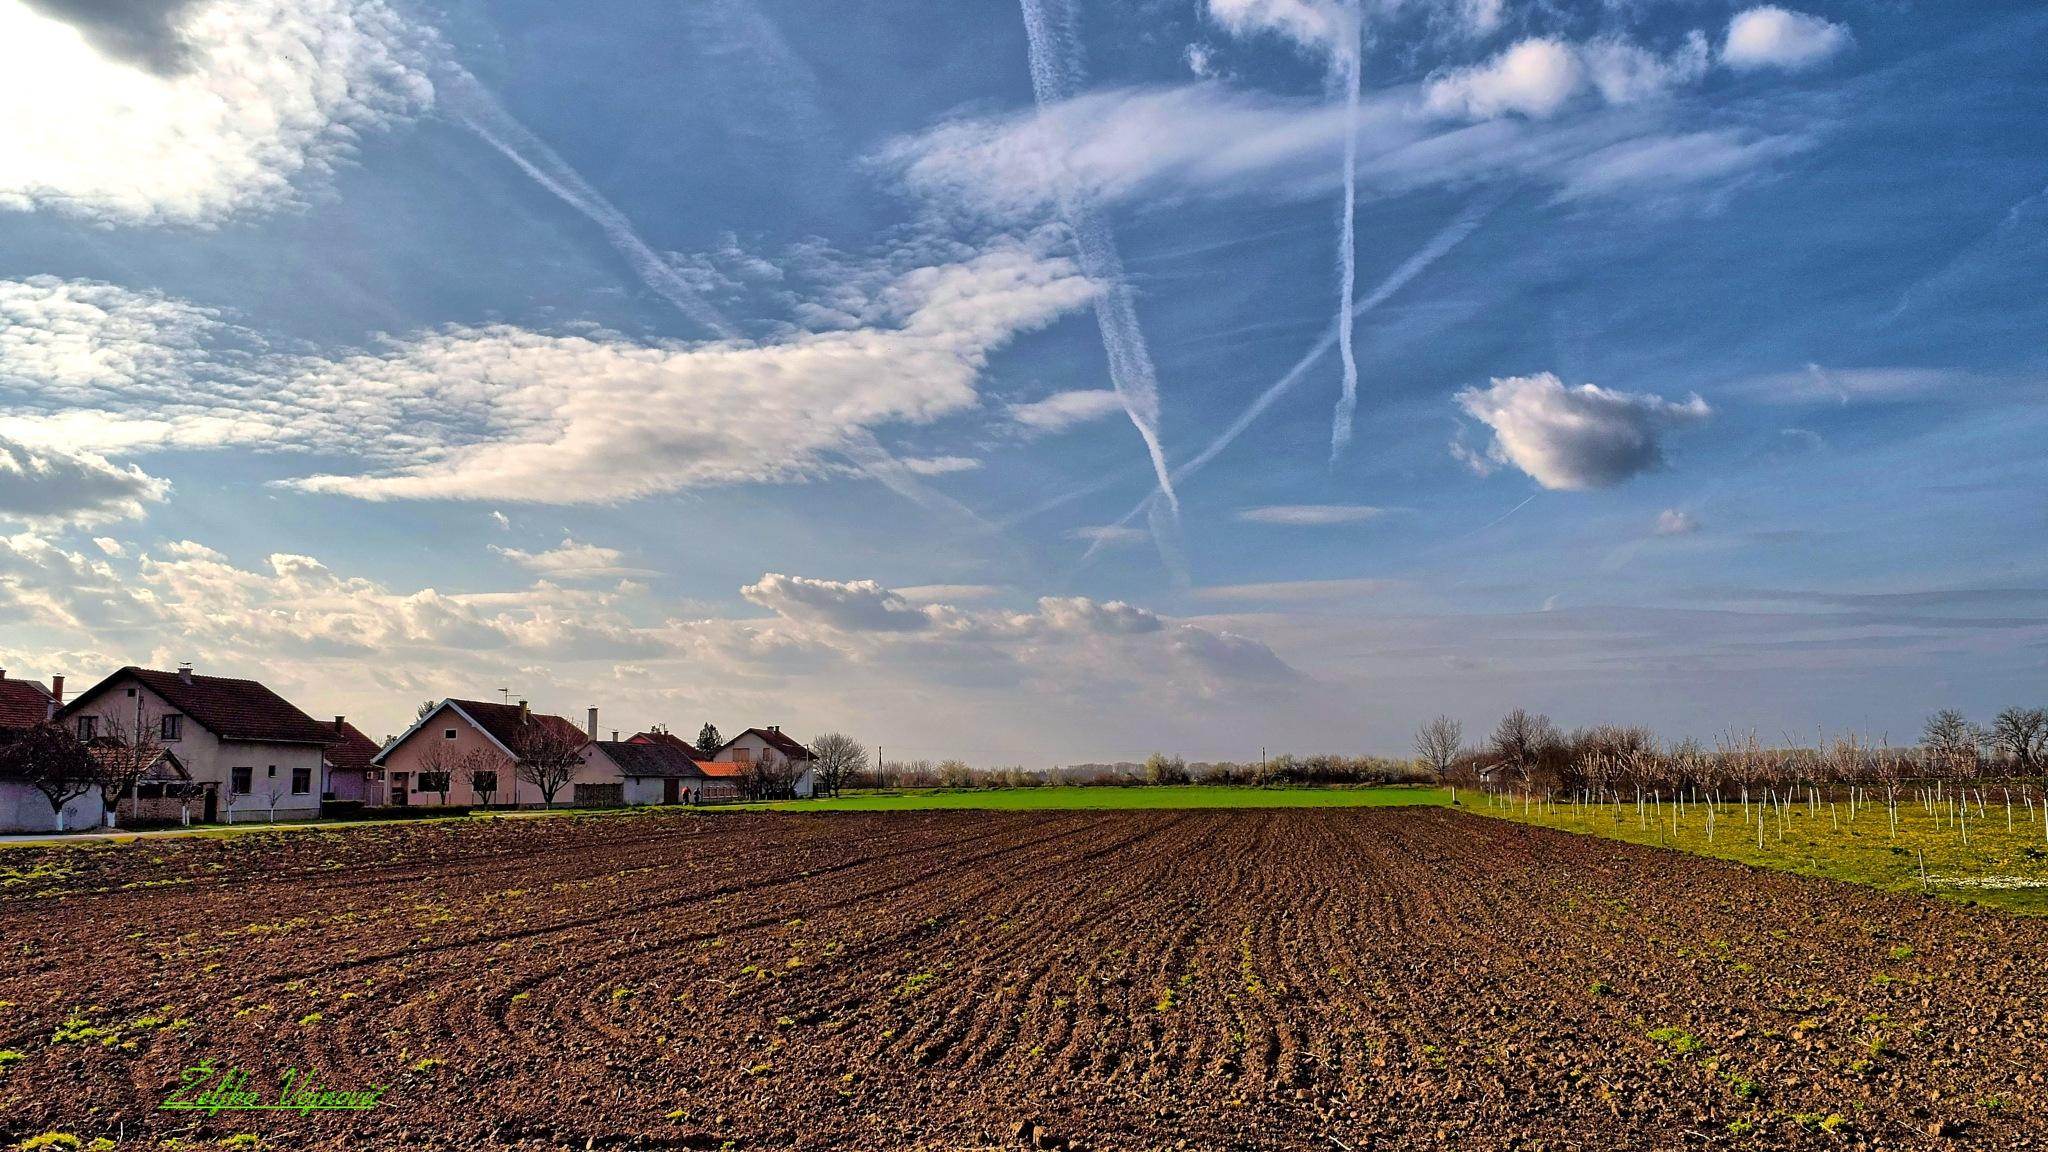 Spring, field, sky & clouds  by Željko Vojnović